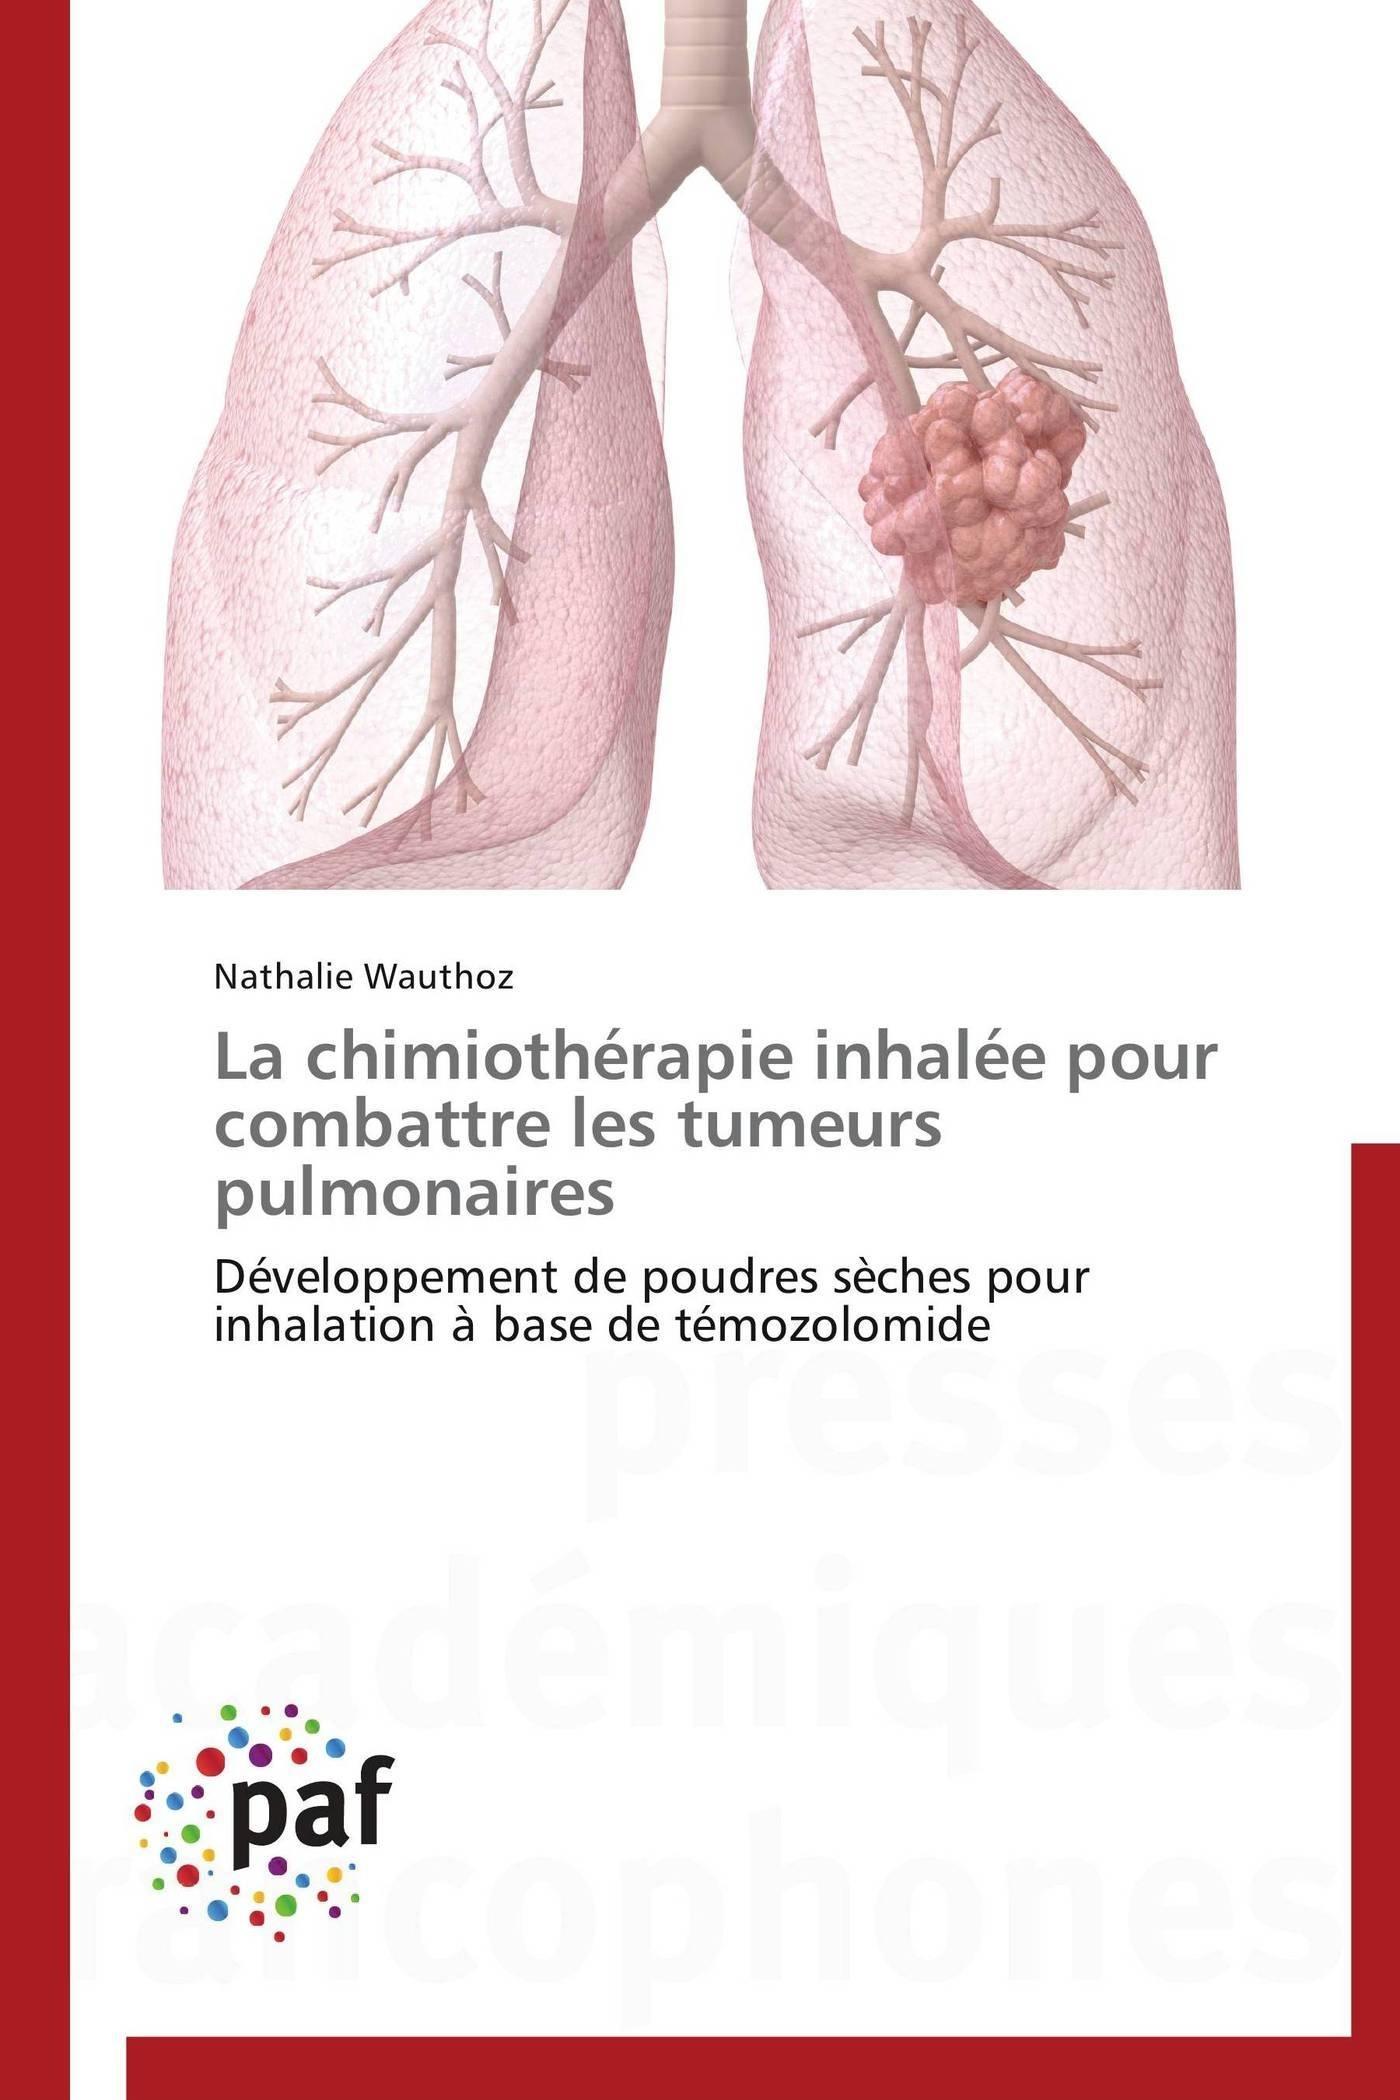 LA CHIMIOTHERAPIE INHALEE POUR  COMBATTRE LES TUMEURS PULMONAIRES